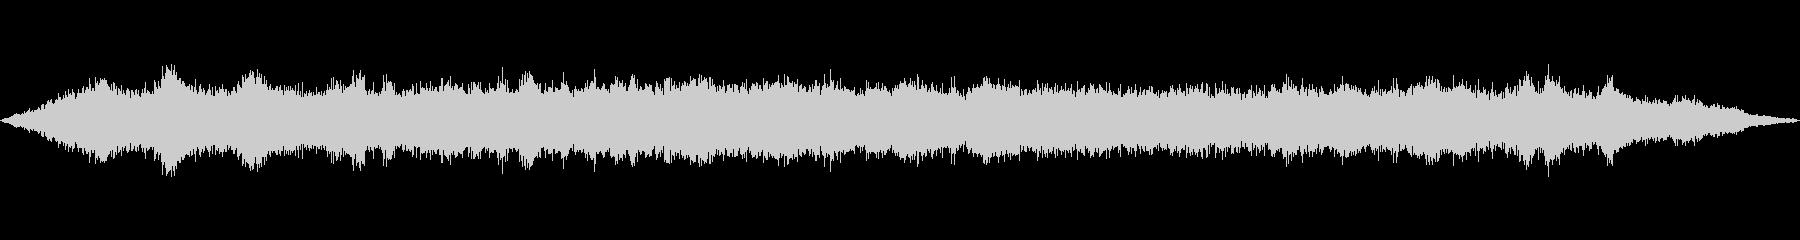 海 波 浜辺 海岸 カモメの環境音 13の未再生の波形